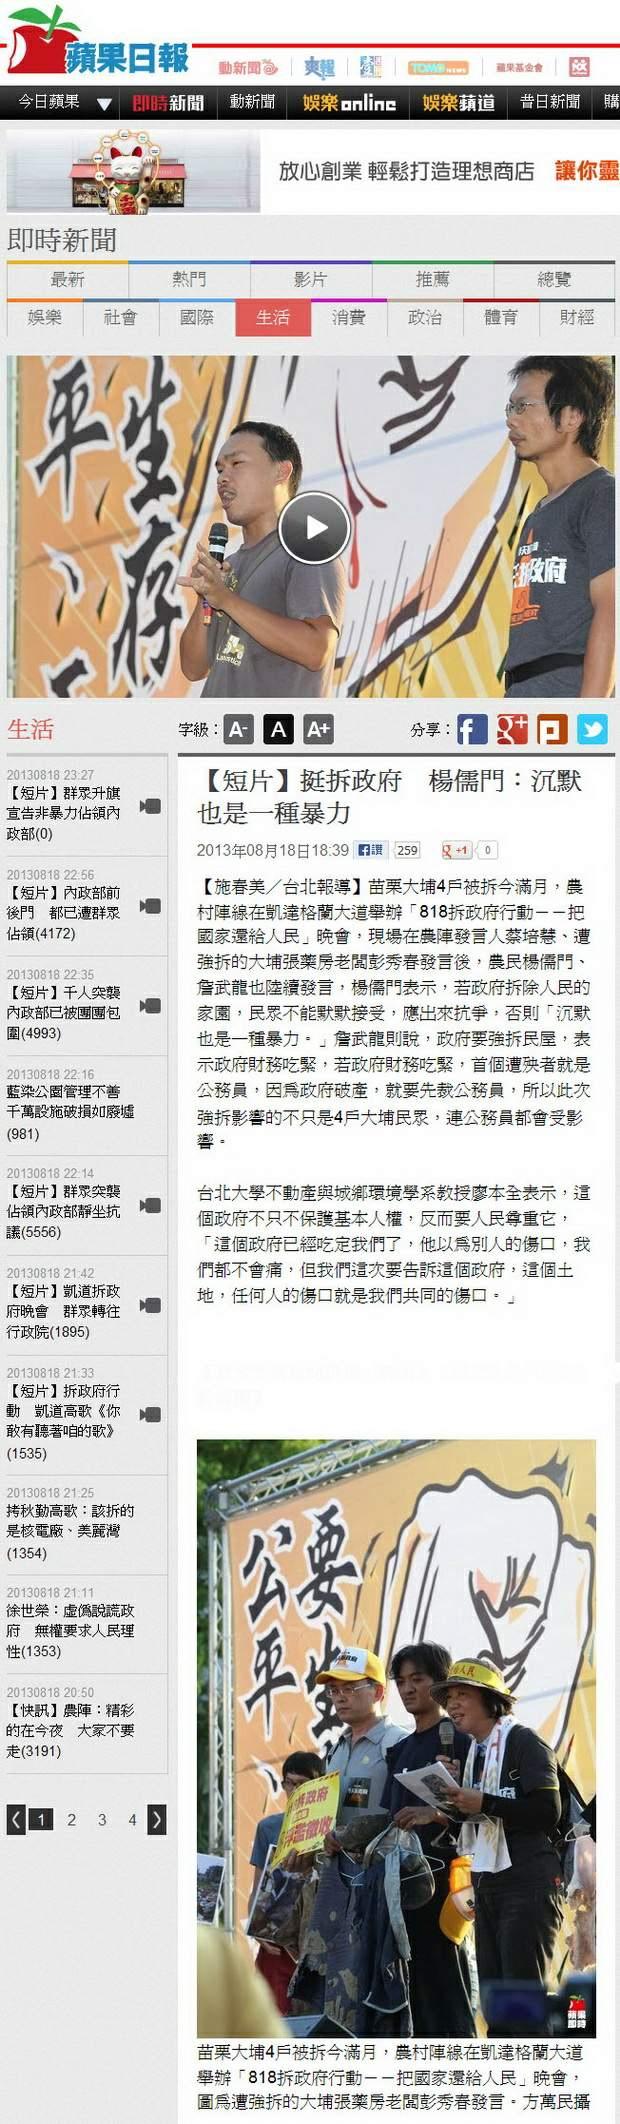 挺拆政府 楊儒門:沉默也是一種暴力-2013.08.18.jpg